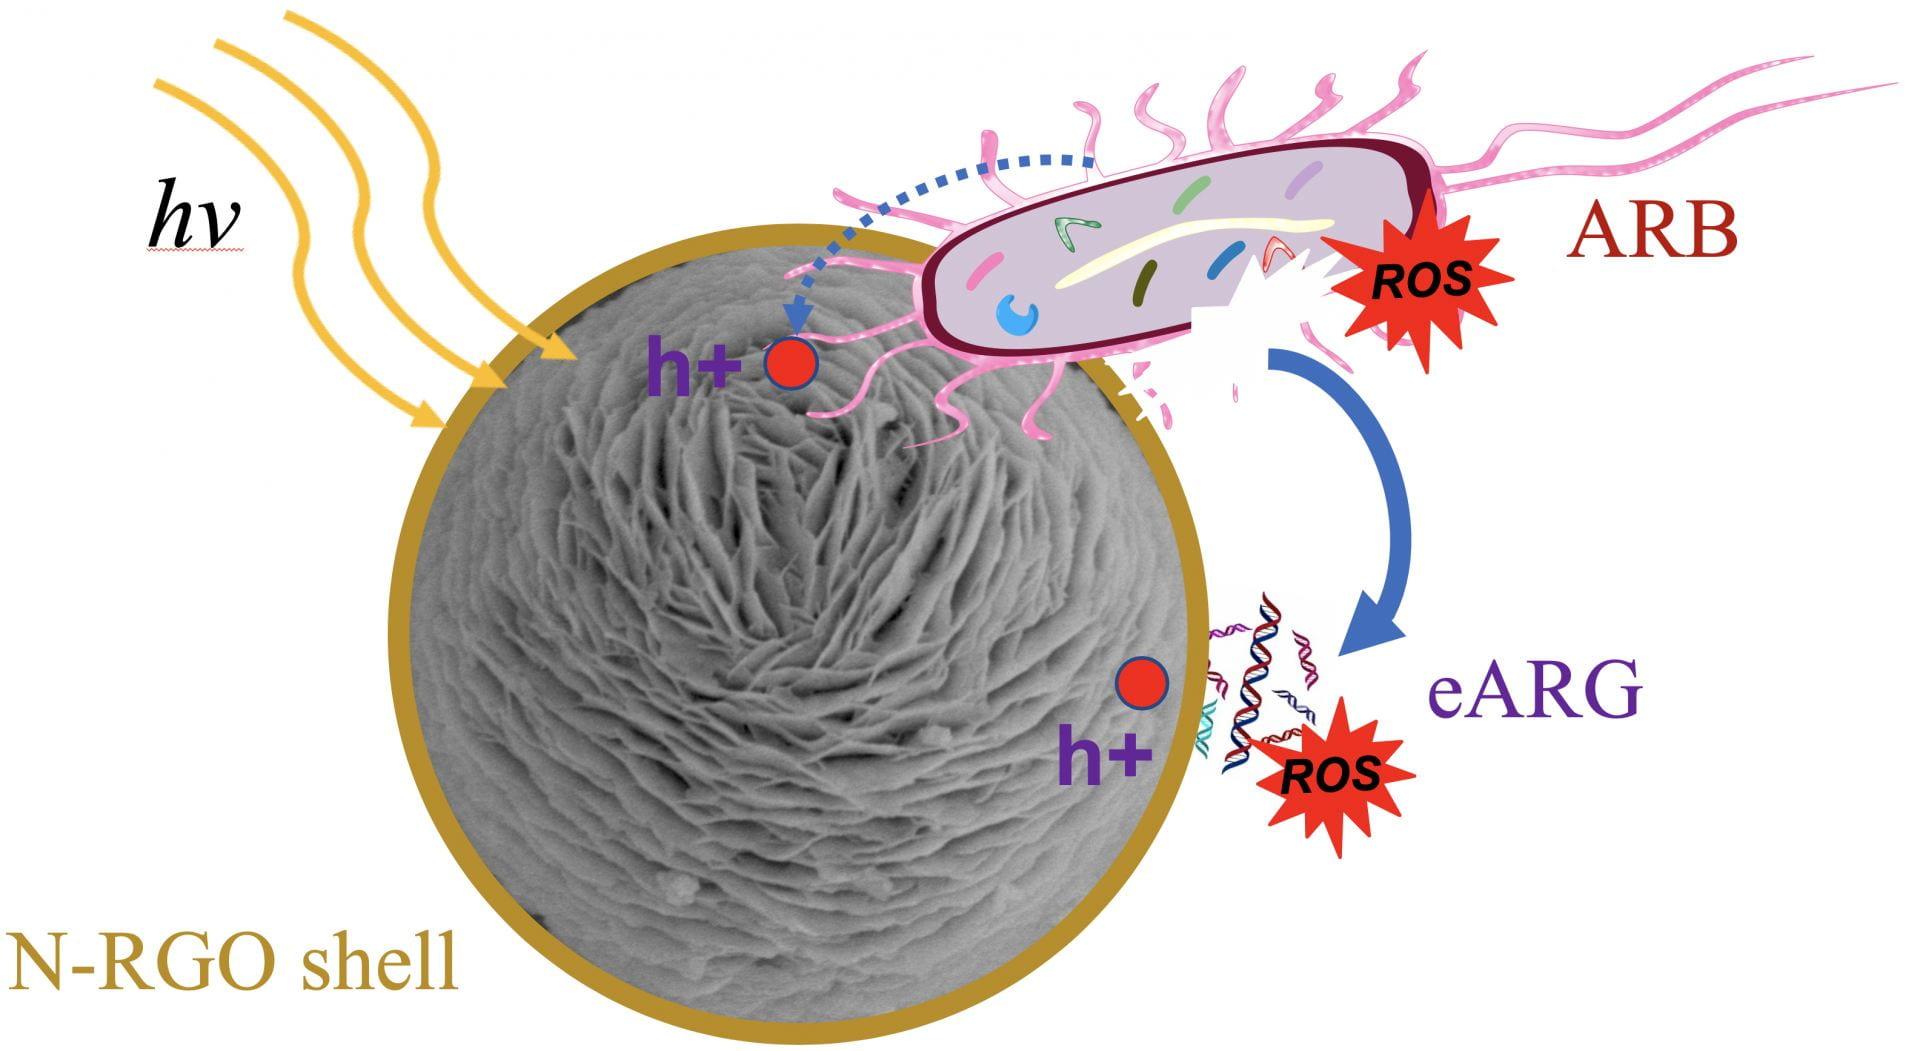 Grafenové nanočástice likvidují rezistentní bakterie (ARB) a volně plující geny srezistencí (eARG). Kredit: Alvarez Research Group/Rice University.